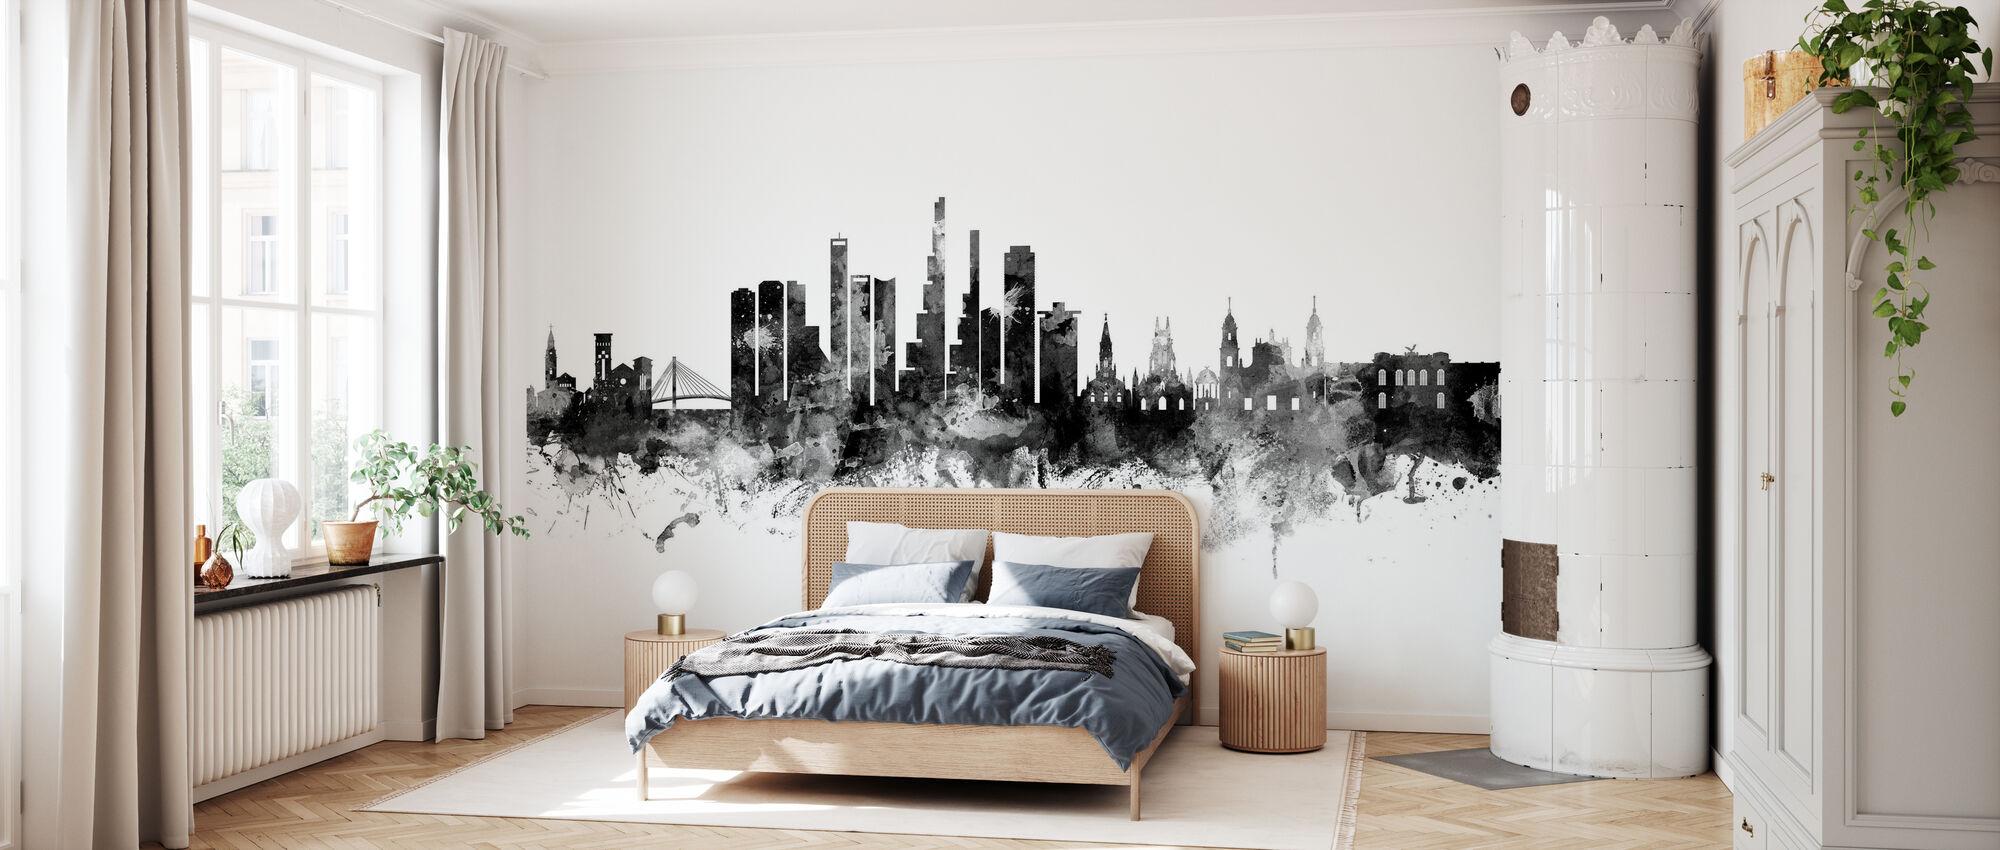 Bogotá Colombia Skyline - Papel pintado - Dormitorio